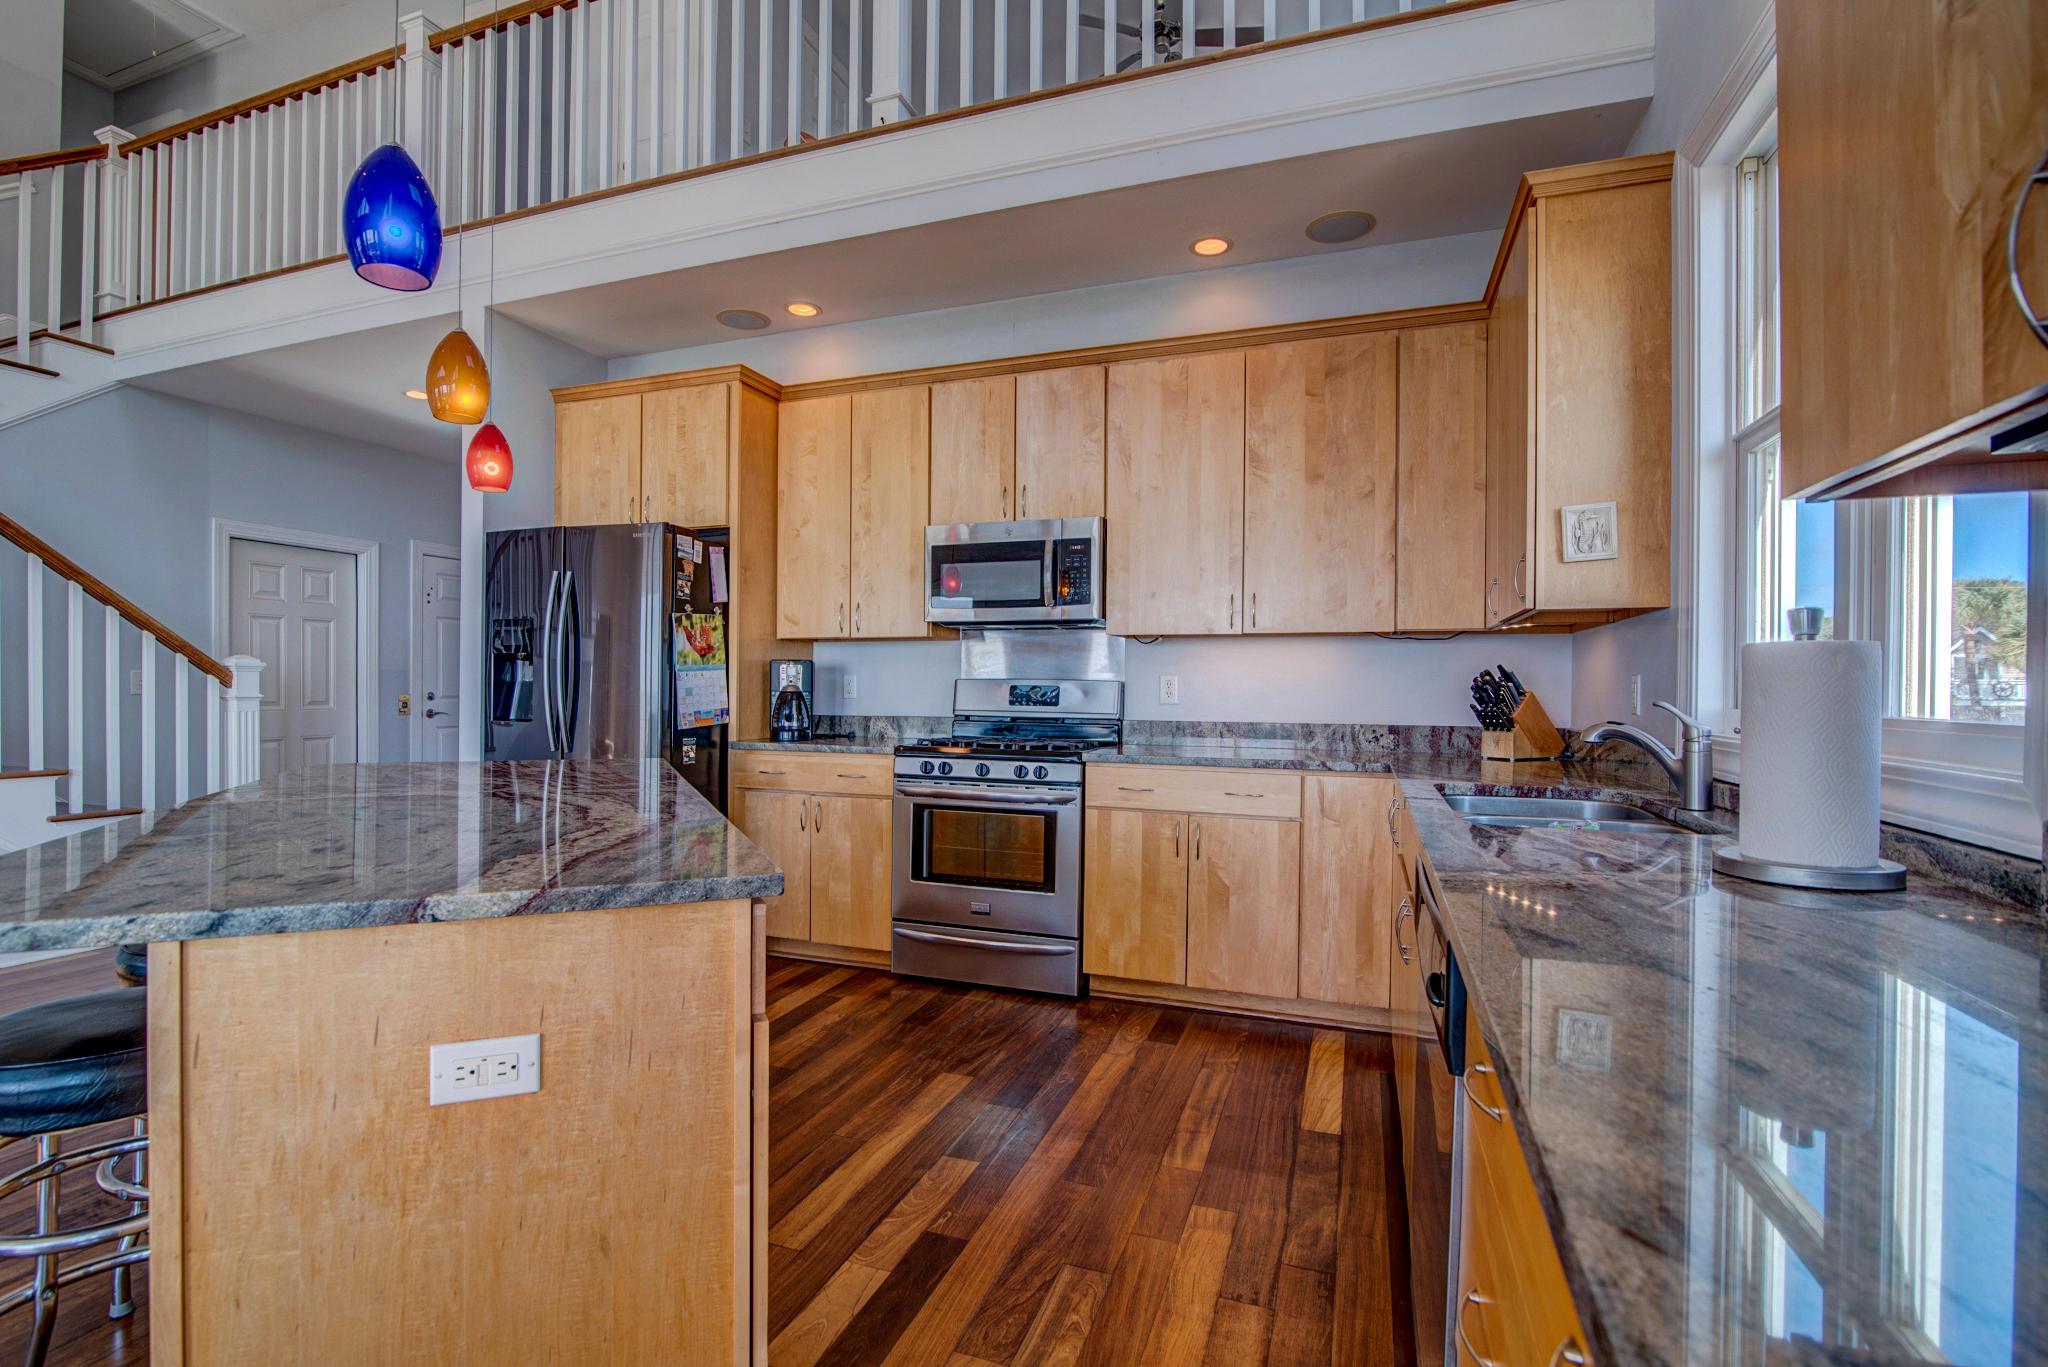 Folly Beach Homes For Sale - 319 Arctic, Folly Beach, SC - 7